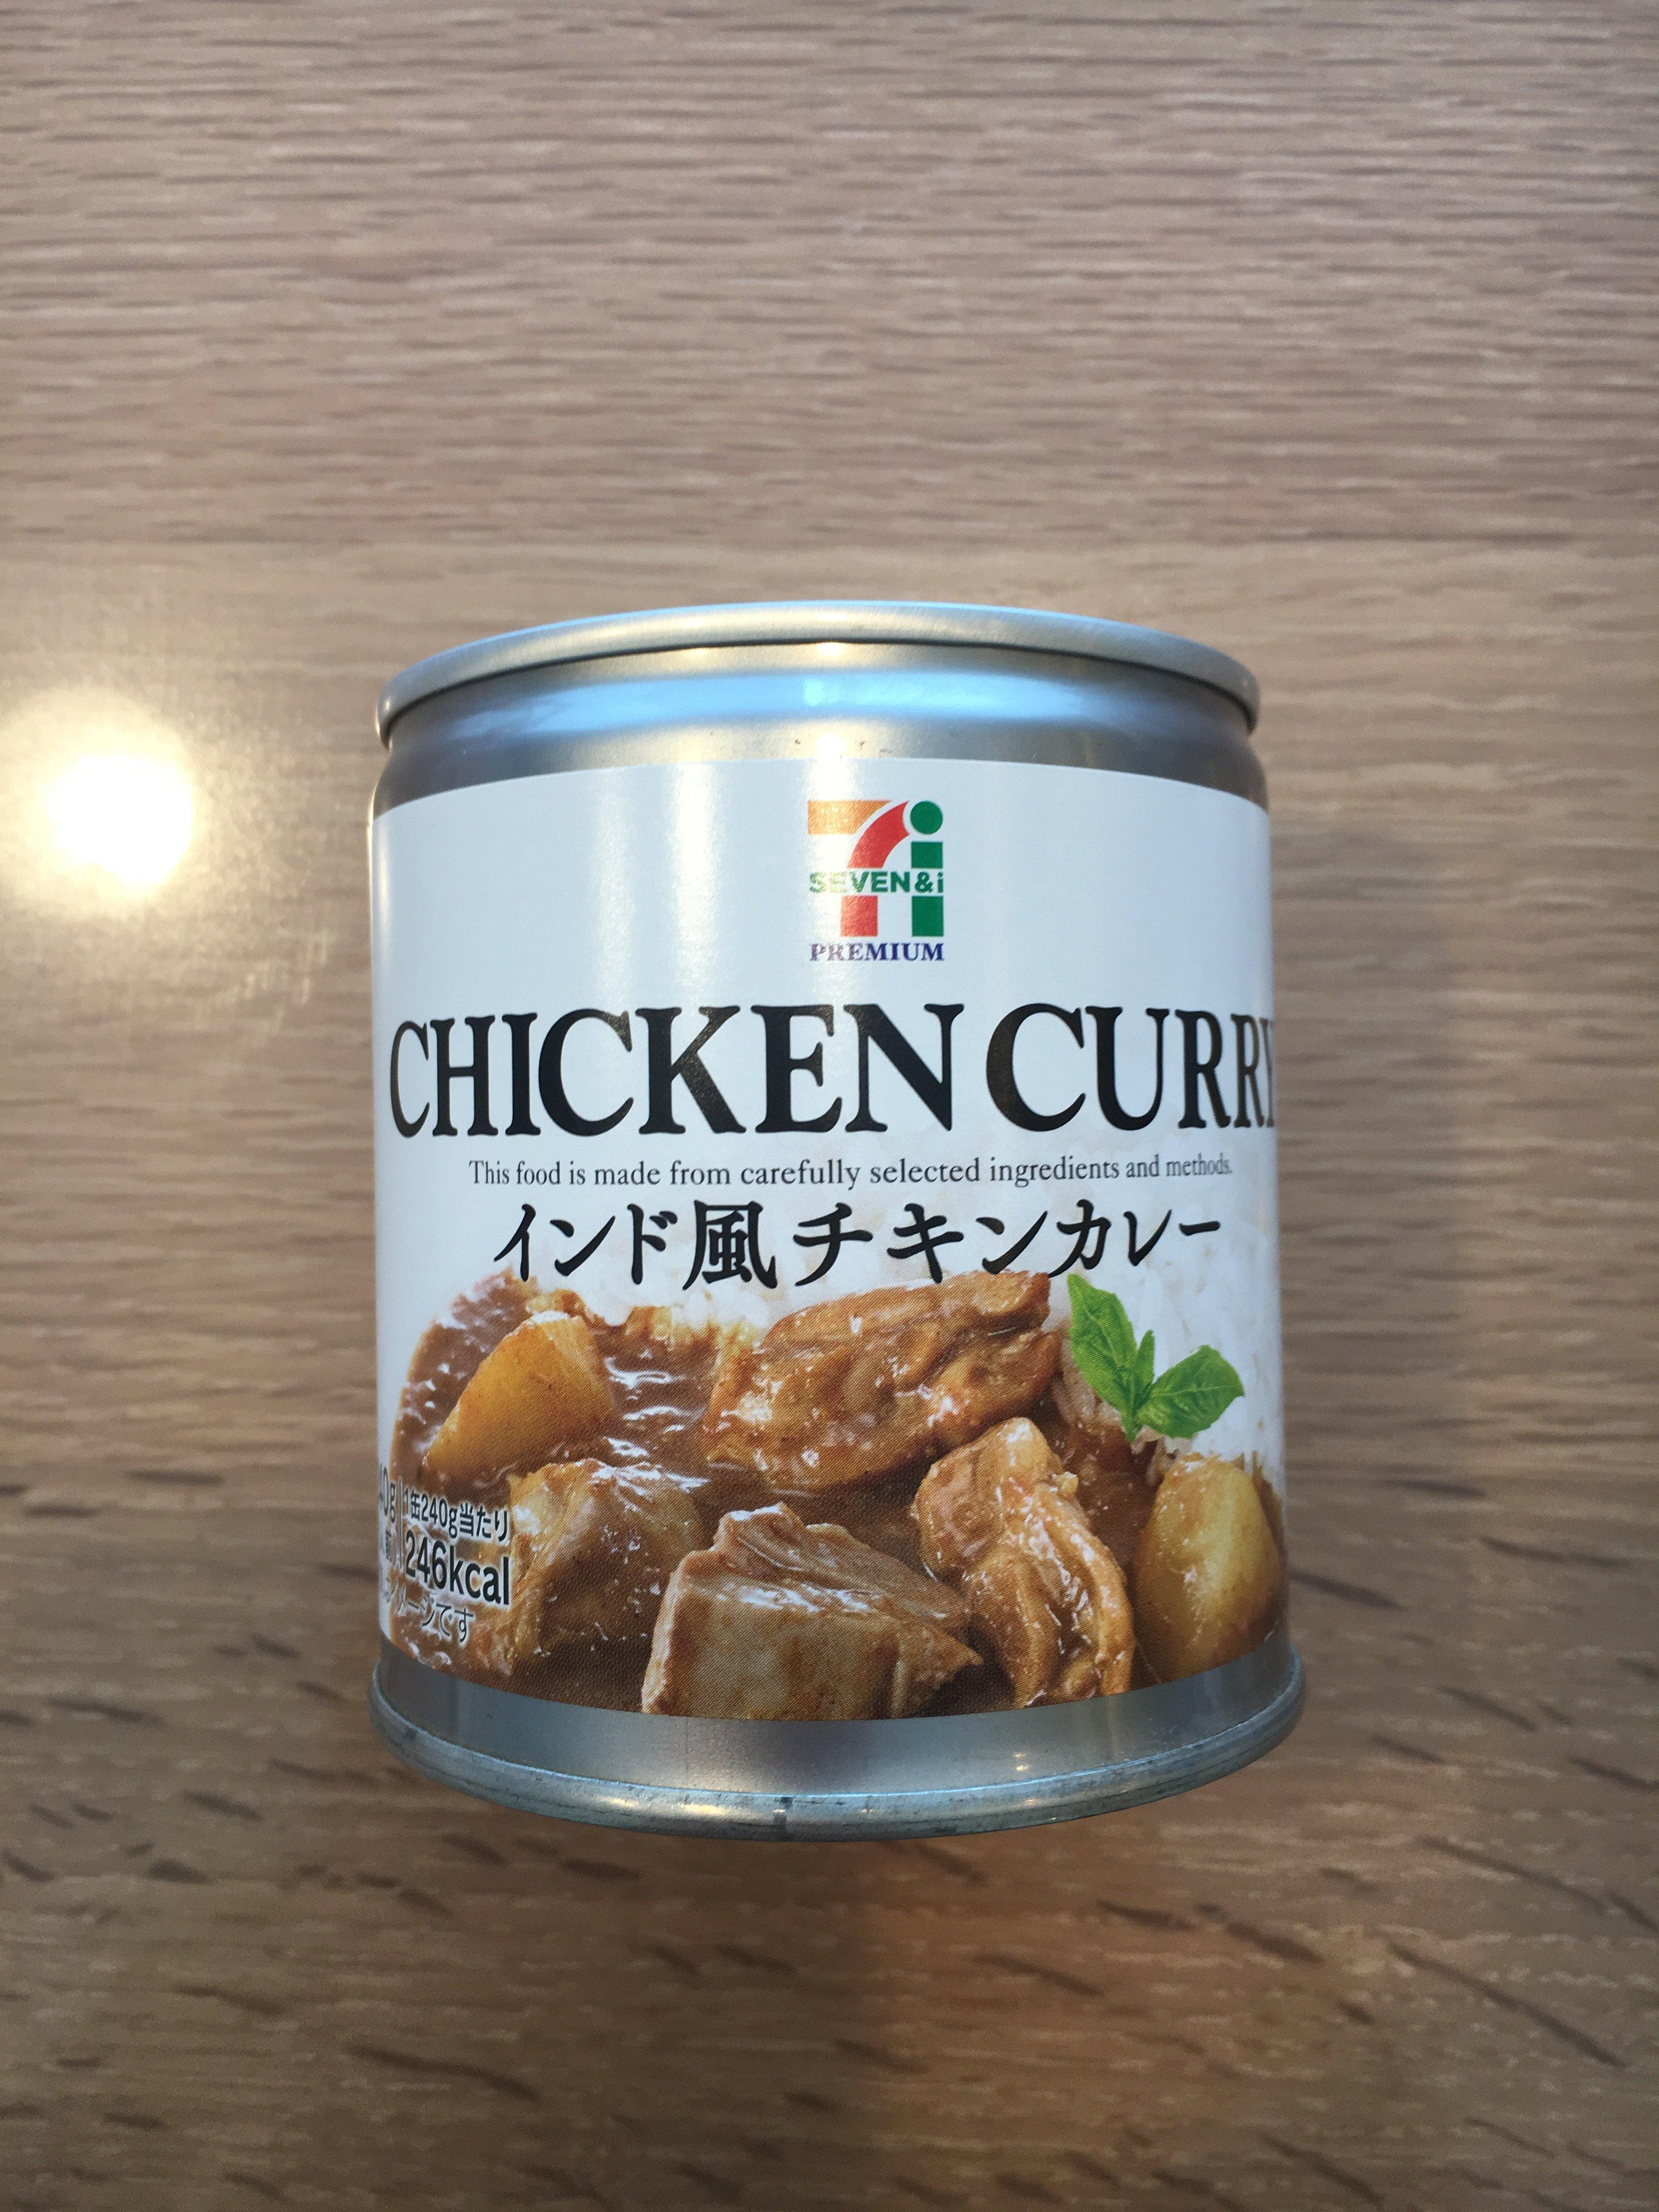 セブンイレブン缶詰 インド風チキンカレー 本格インドカレー缶詰